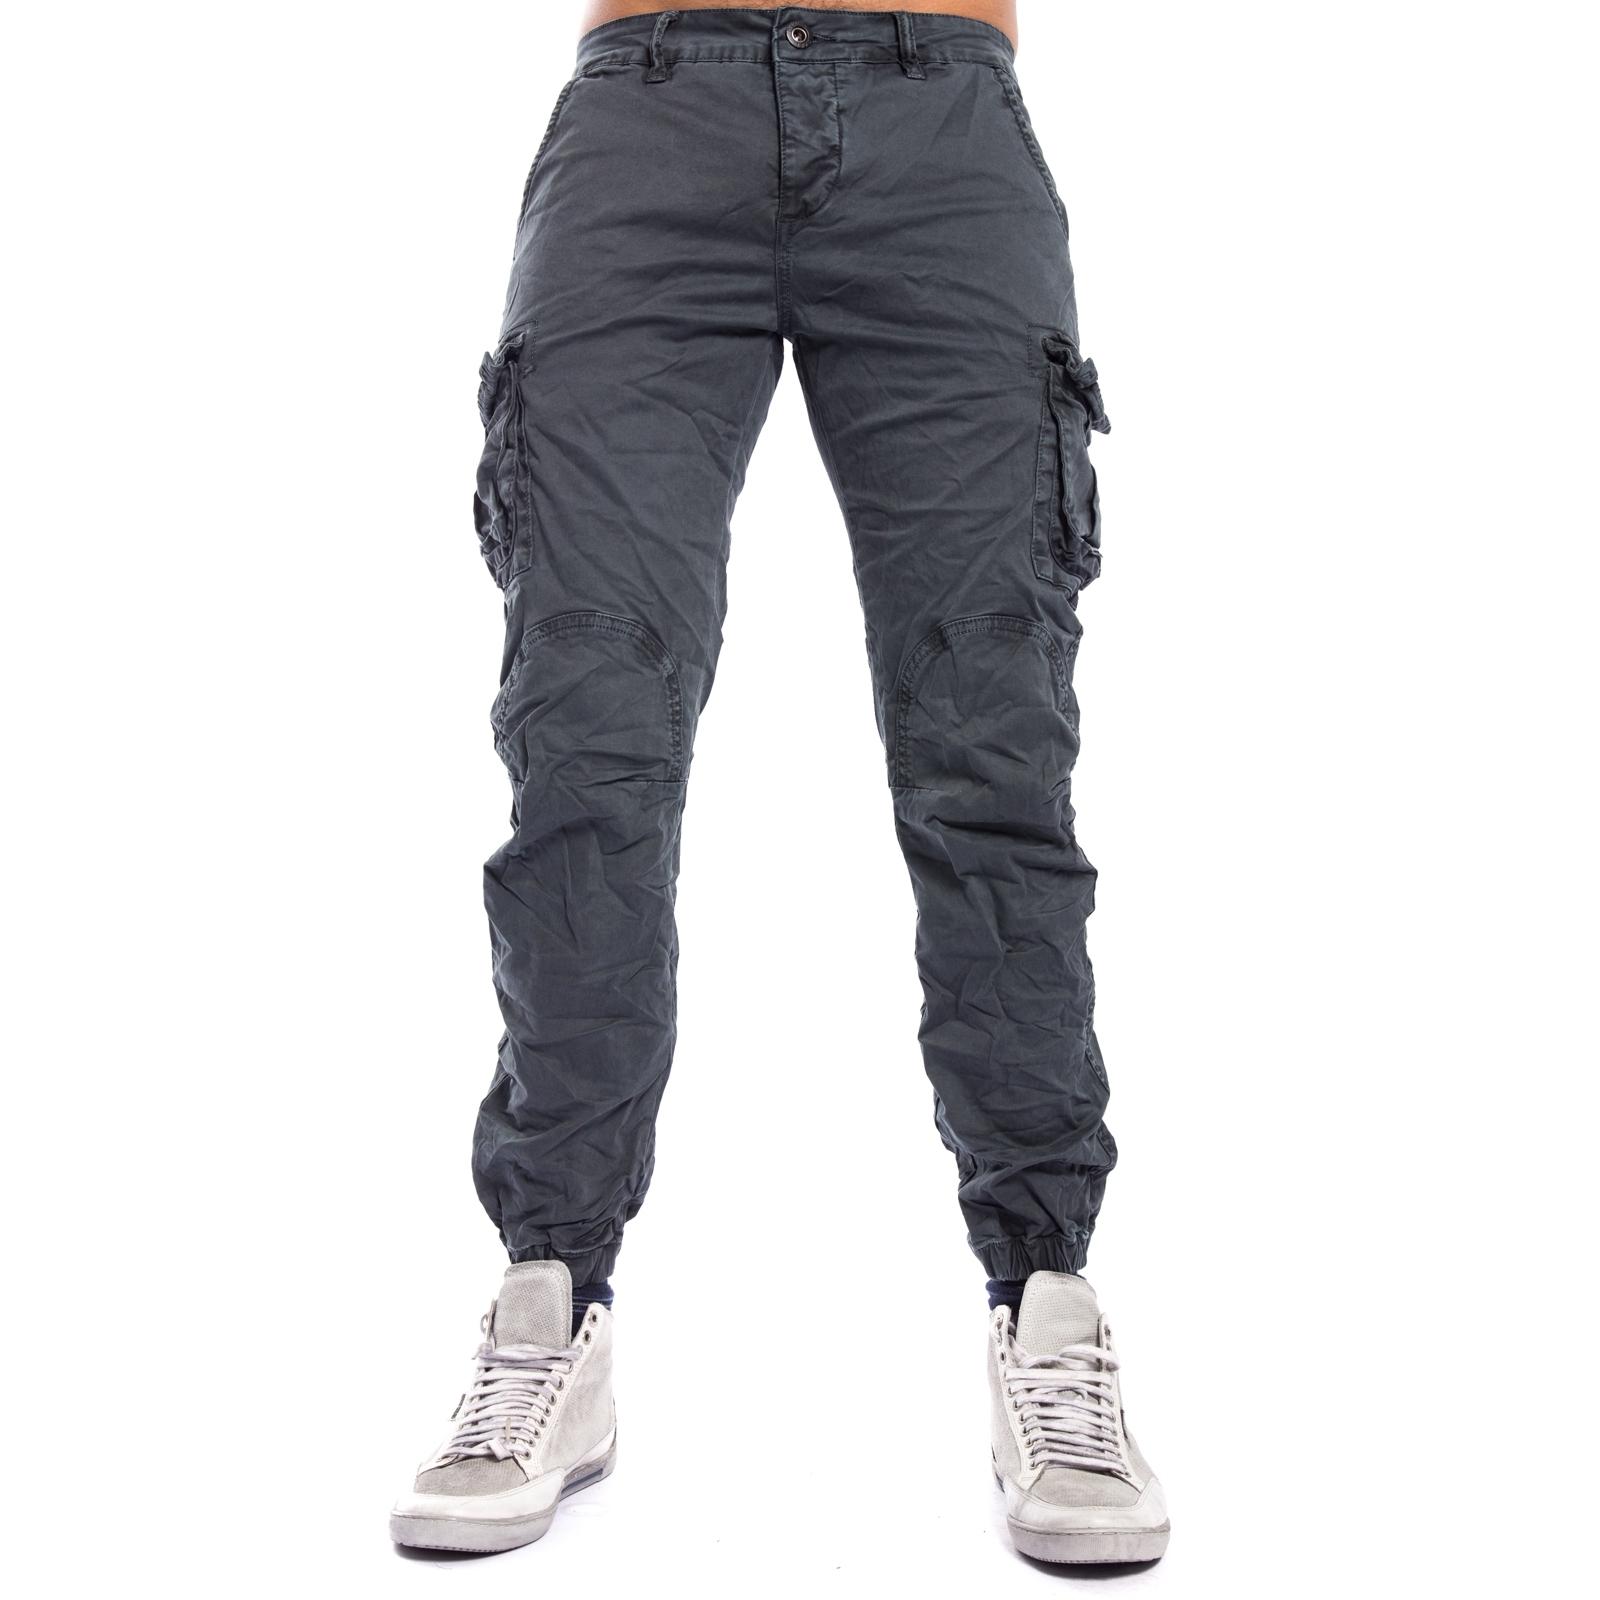 79defba0d0 Pantalone UOMO con tasconi ed elastico in fondo GRAY J-9065